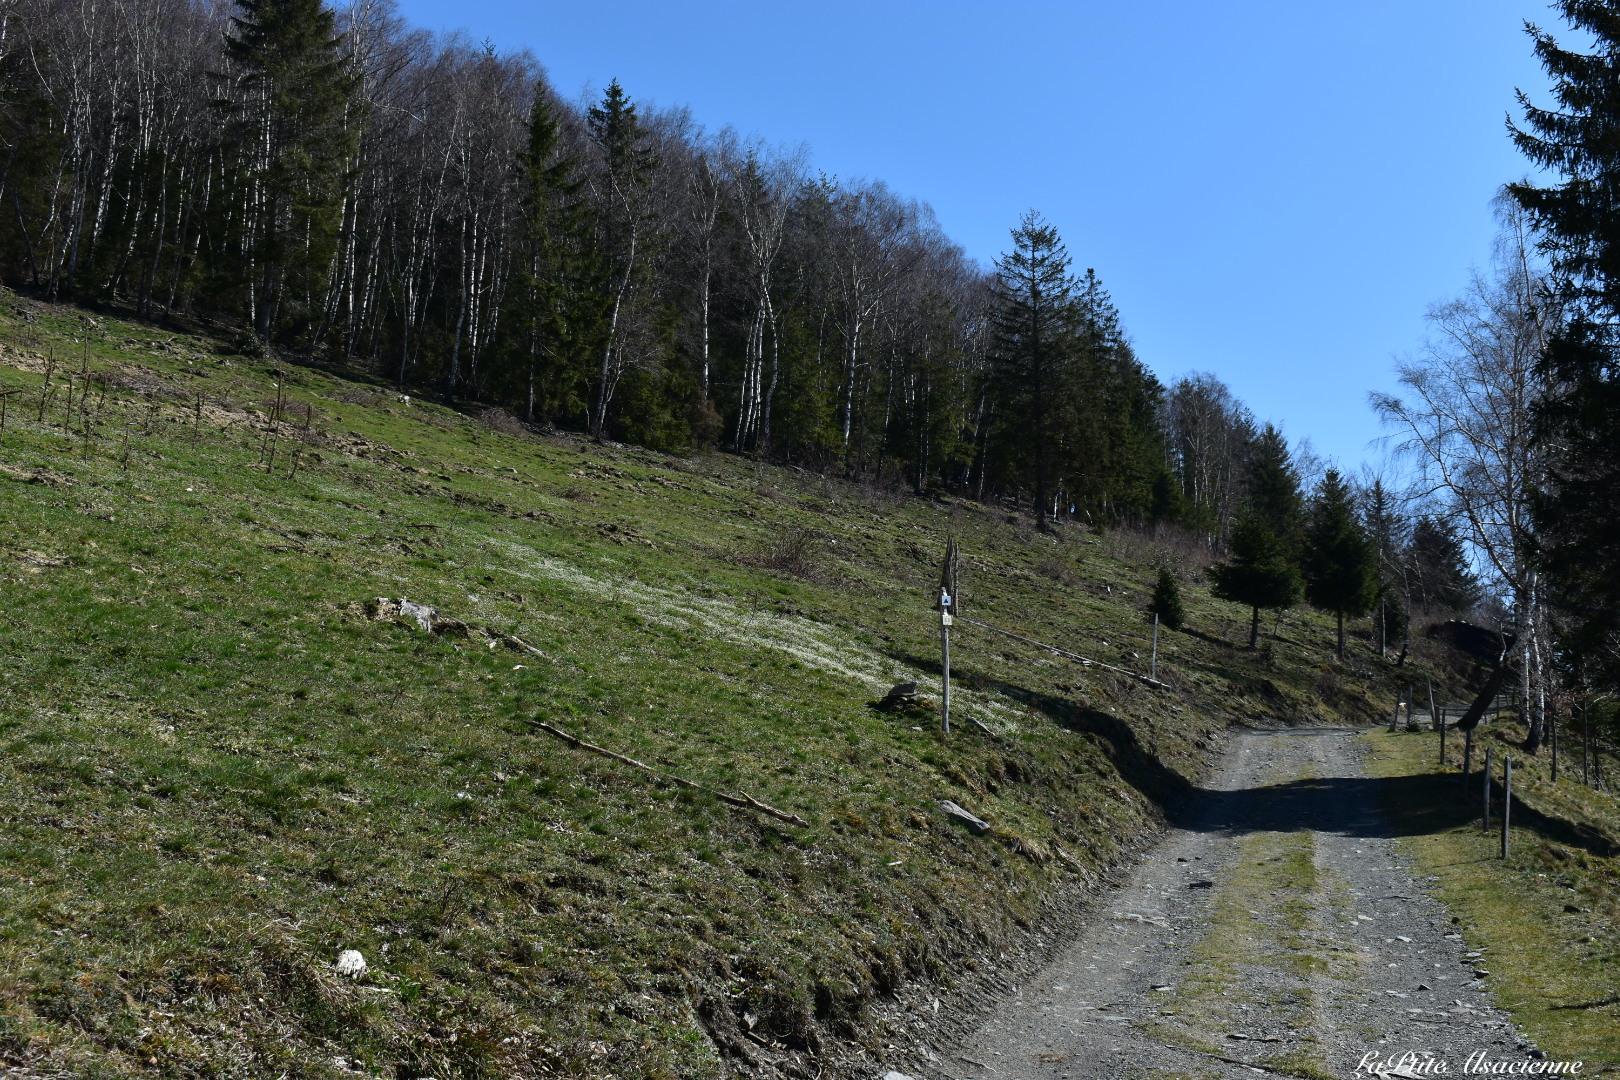 Prendre à gauche, le sentier direction le Bockwasen pour monter au Petit Ballon